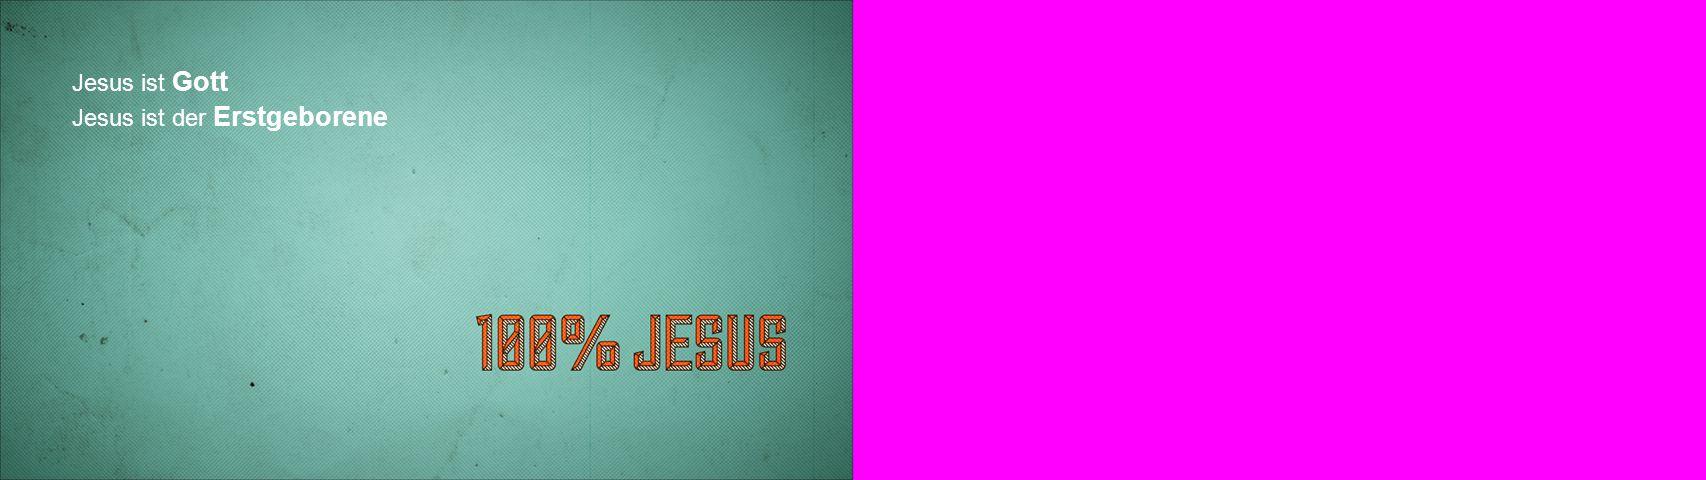 Jesus ist der Erstgeborene